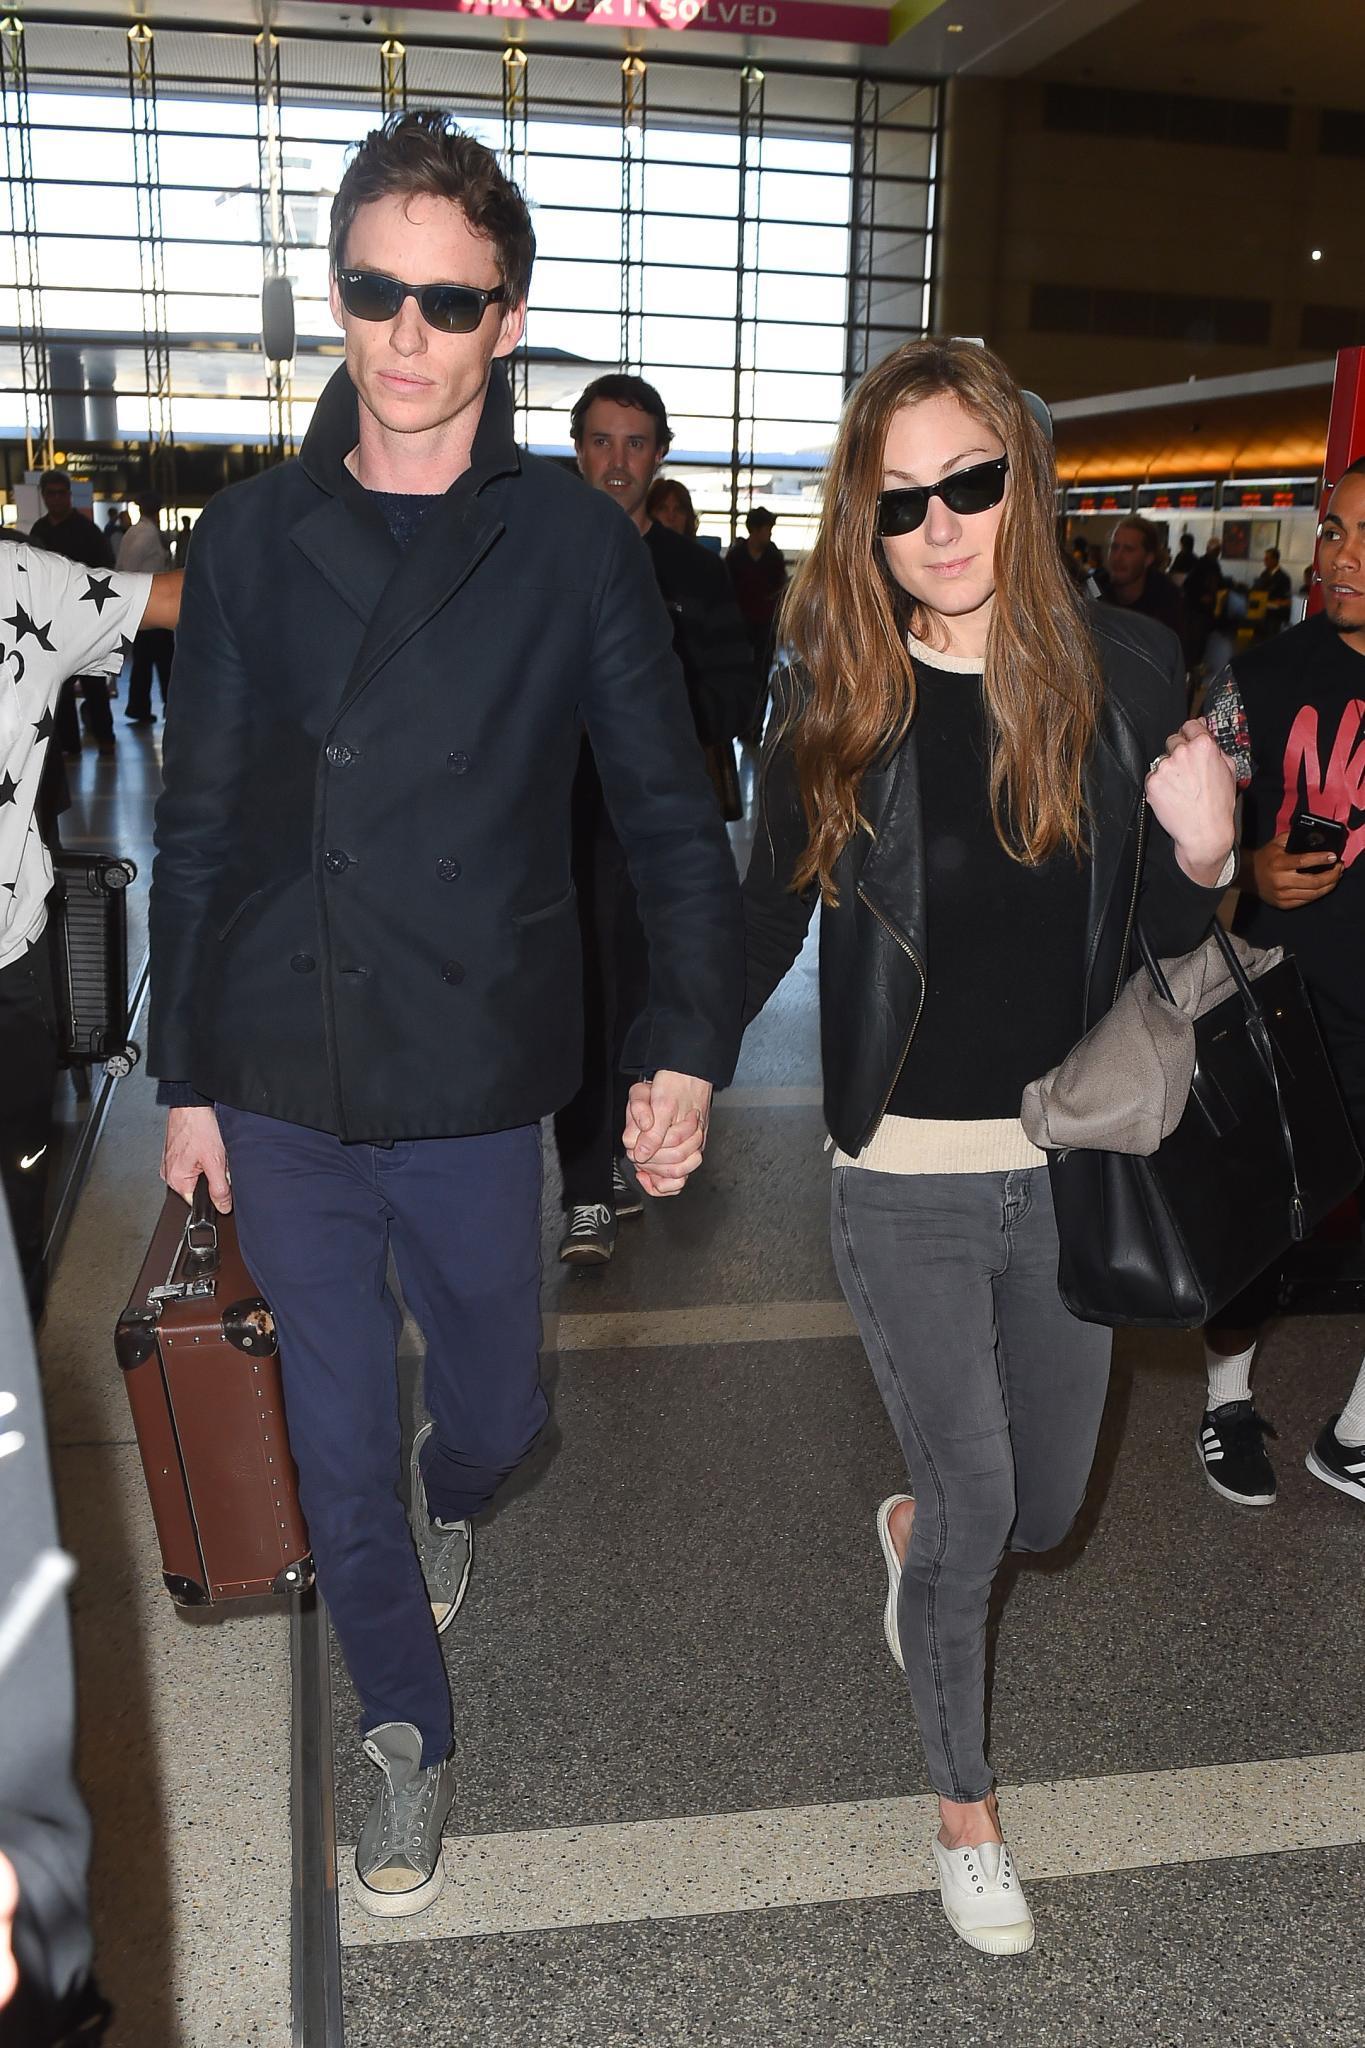 Nach der dicken Oscarparty sind Eddie Redmayne und seine Frau Hannah Bagshawe am Flughafen und verlassen Hand-in-Hand Los Angeles.